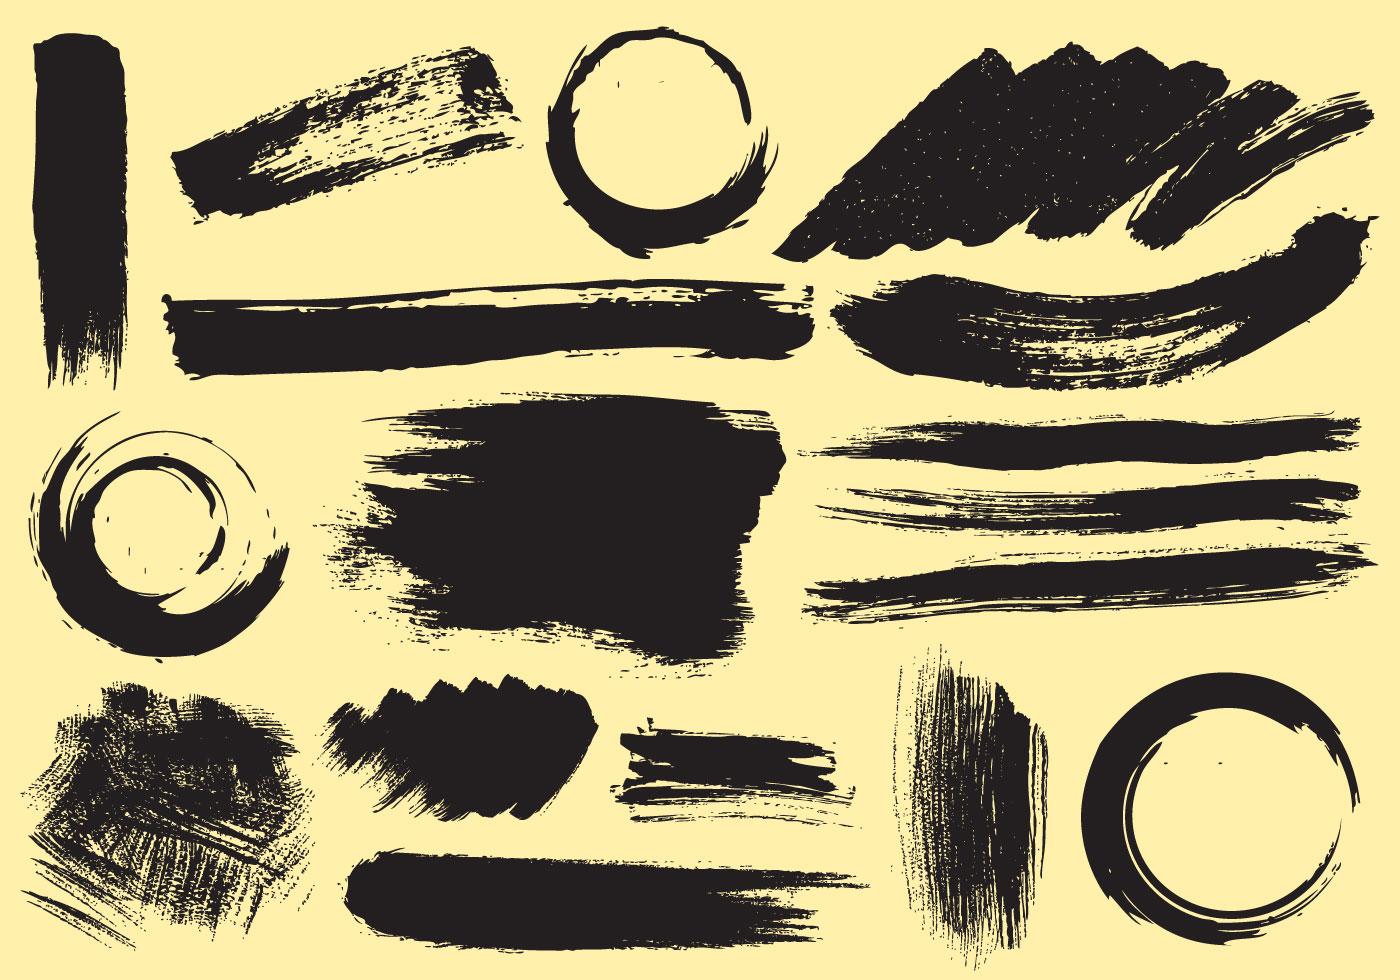 paint stroke vectors download free vector art stock